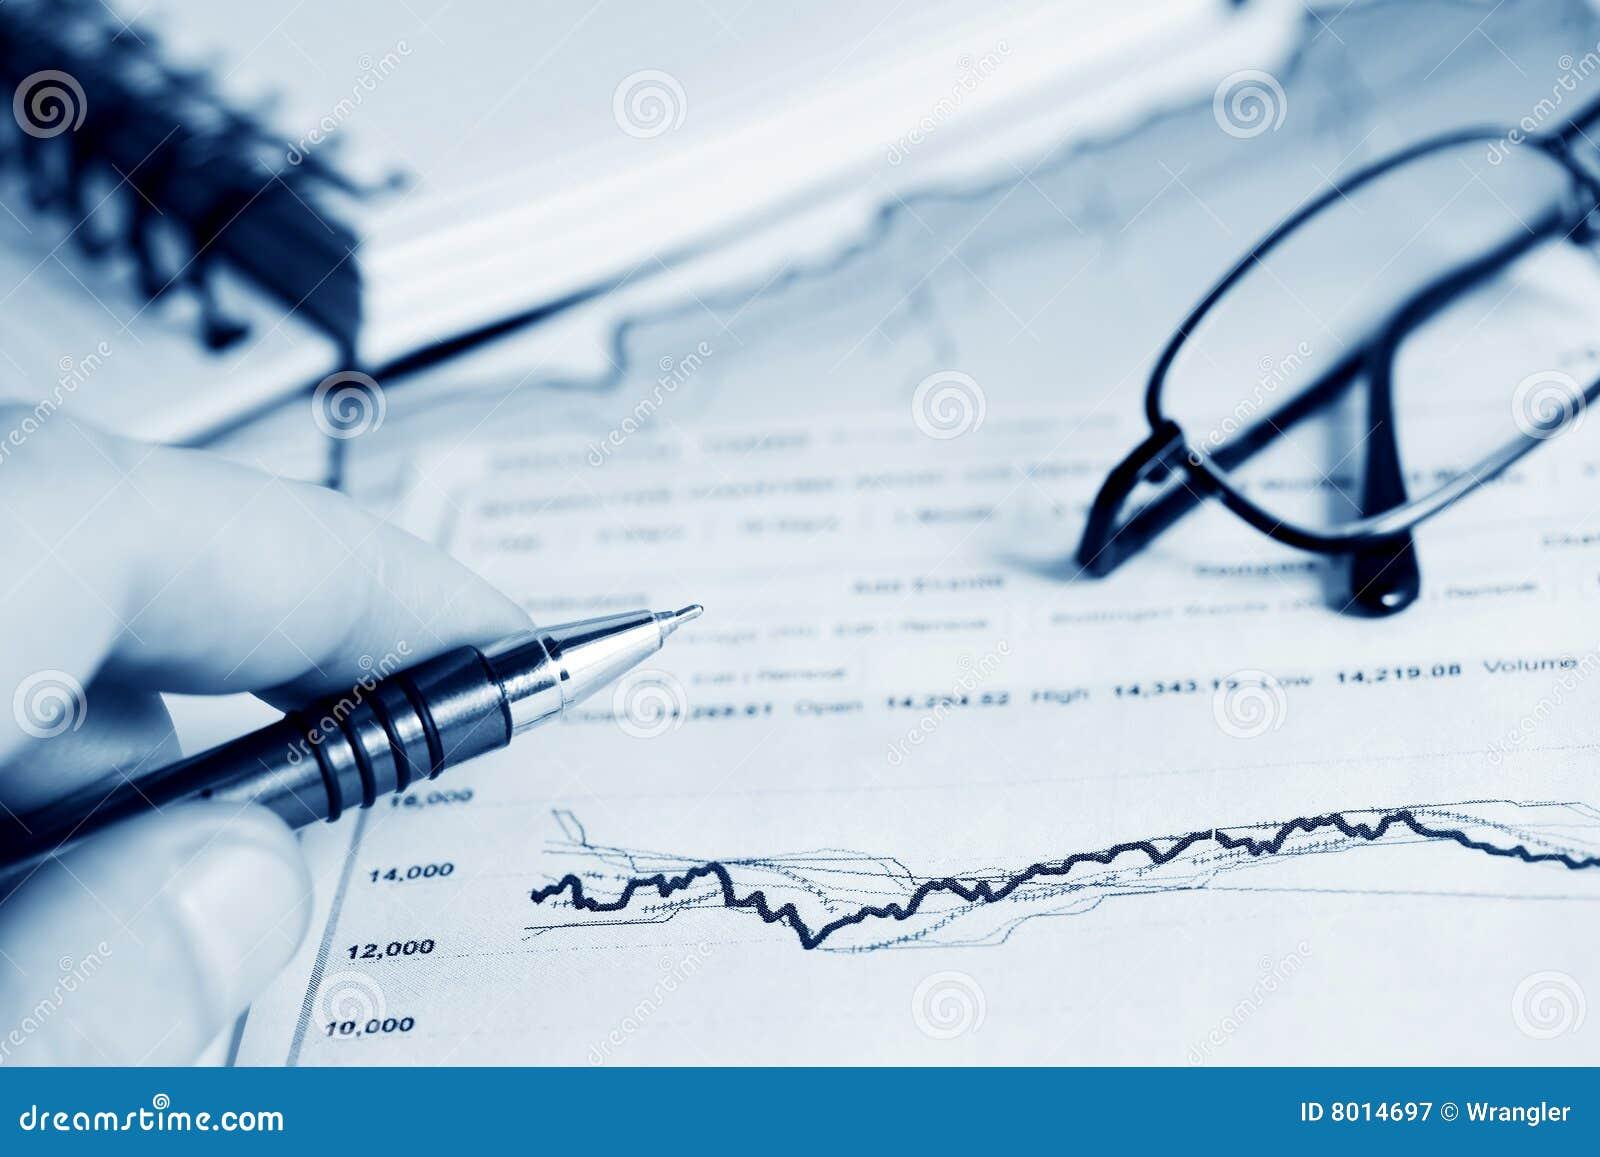 financial accounting graphs and charts analysis royalty